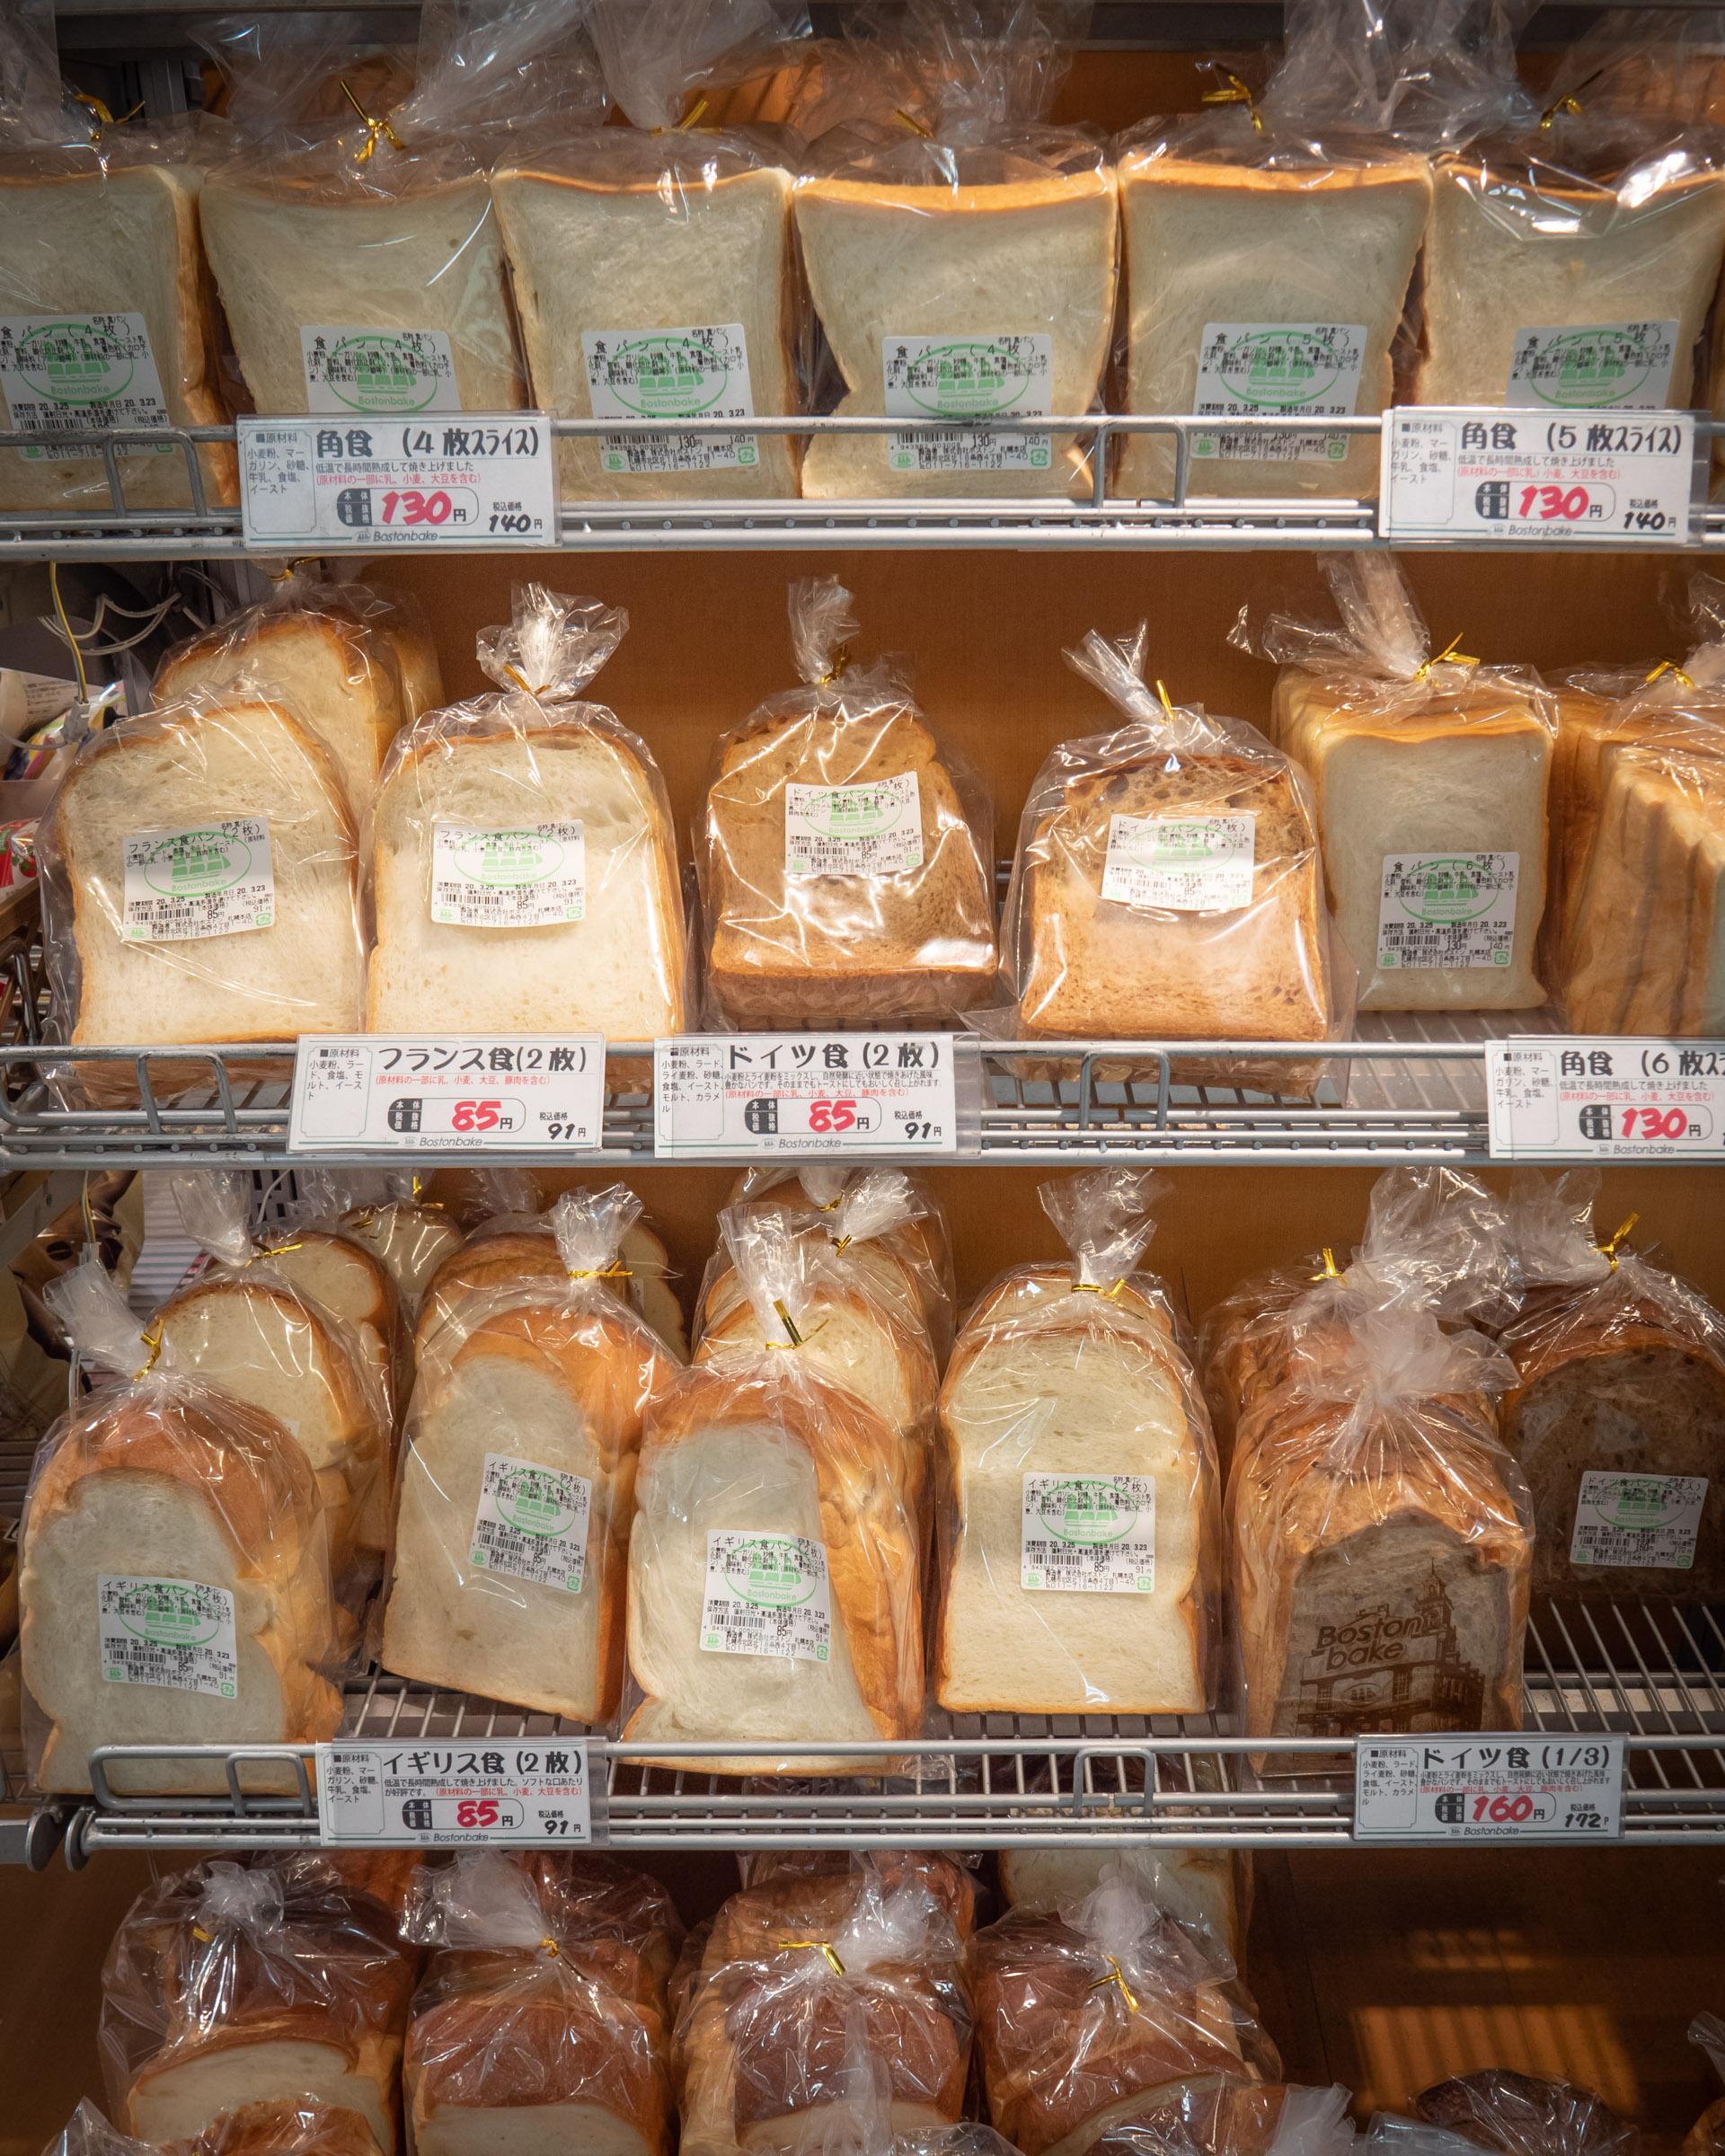 イトーヨーカドーすすきの店食品売場の食パンコーナー DMC-GX8 + LEICA DG 12-60mm